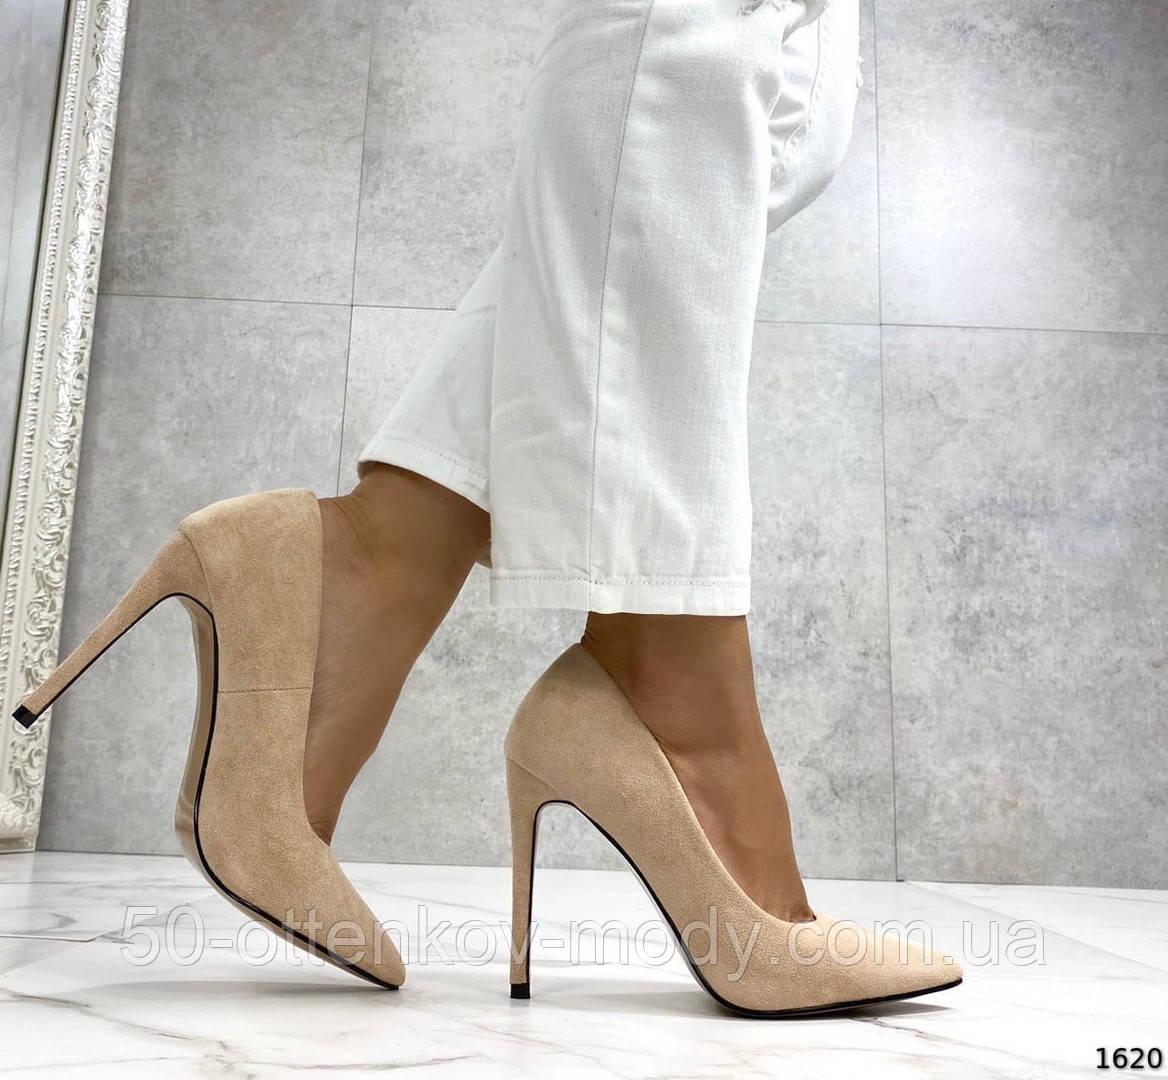 Женские туфли лодочки на шпильке бежевые замш